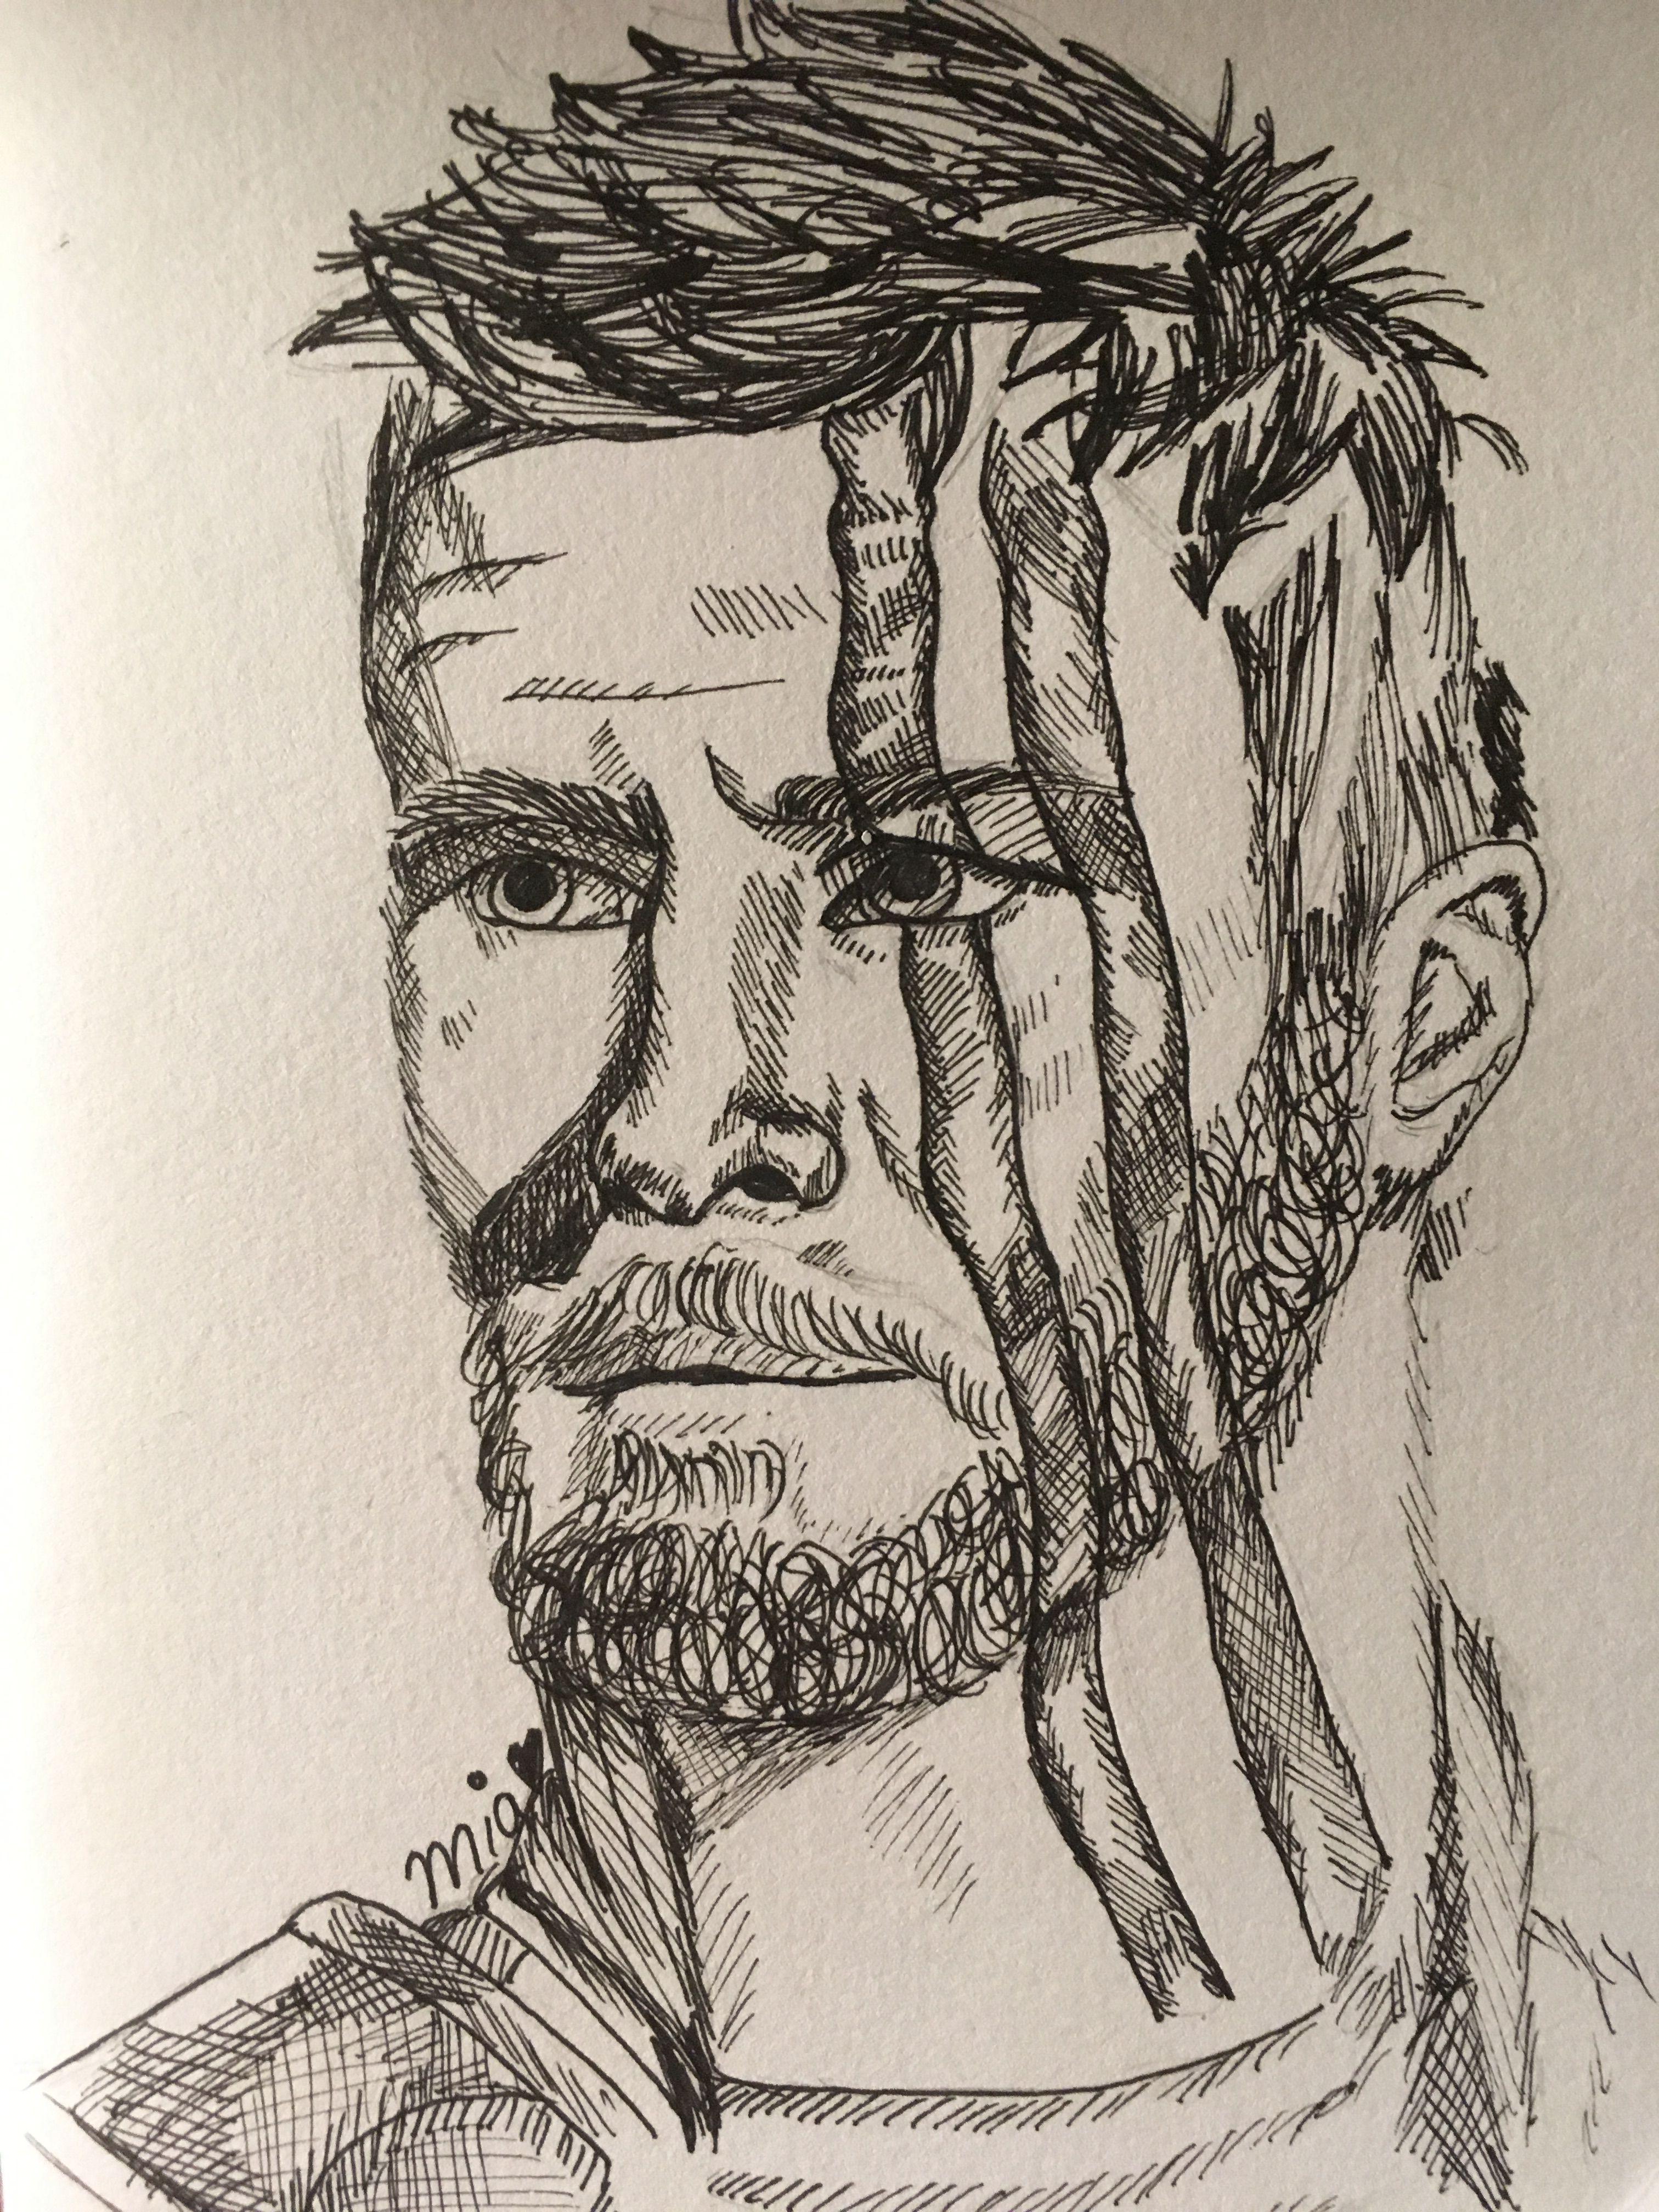 Thor Ragnarok Mcu Marvel Avenger Micron Pen Drawing Artwork Fanart Drawing Artwork Artwork Sketches